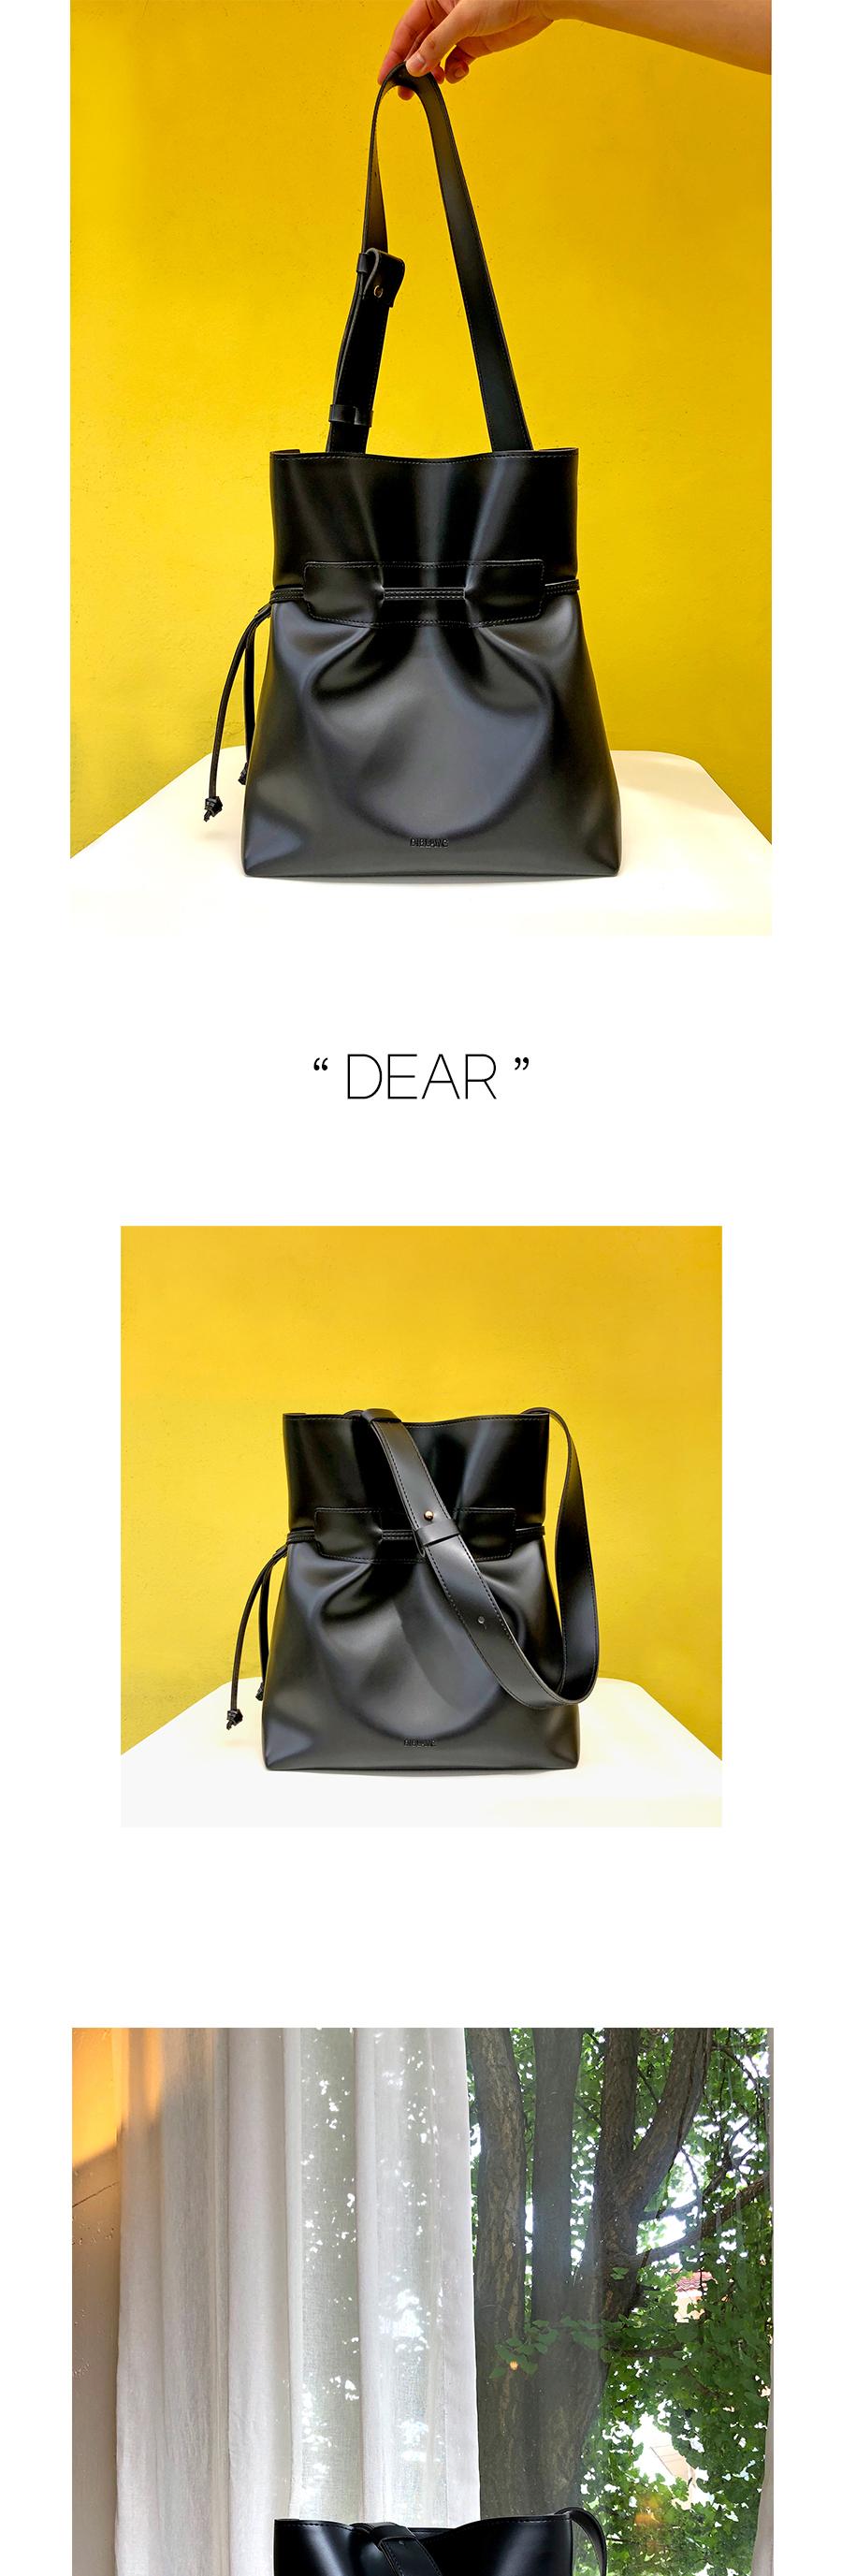 dear2_01.jpg